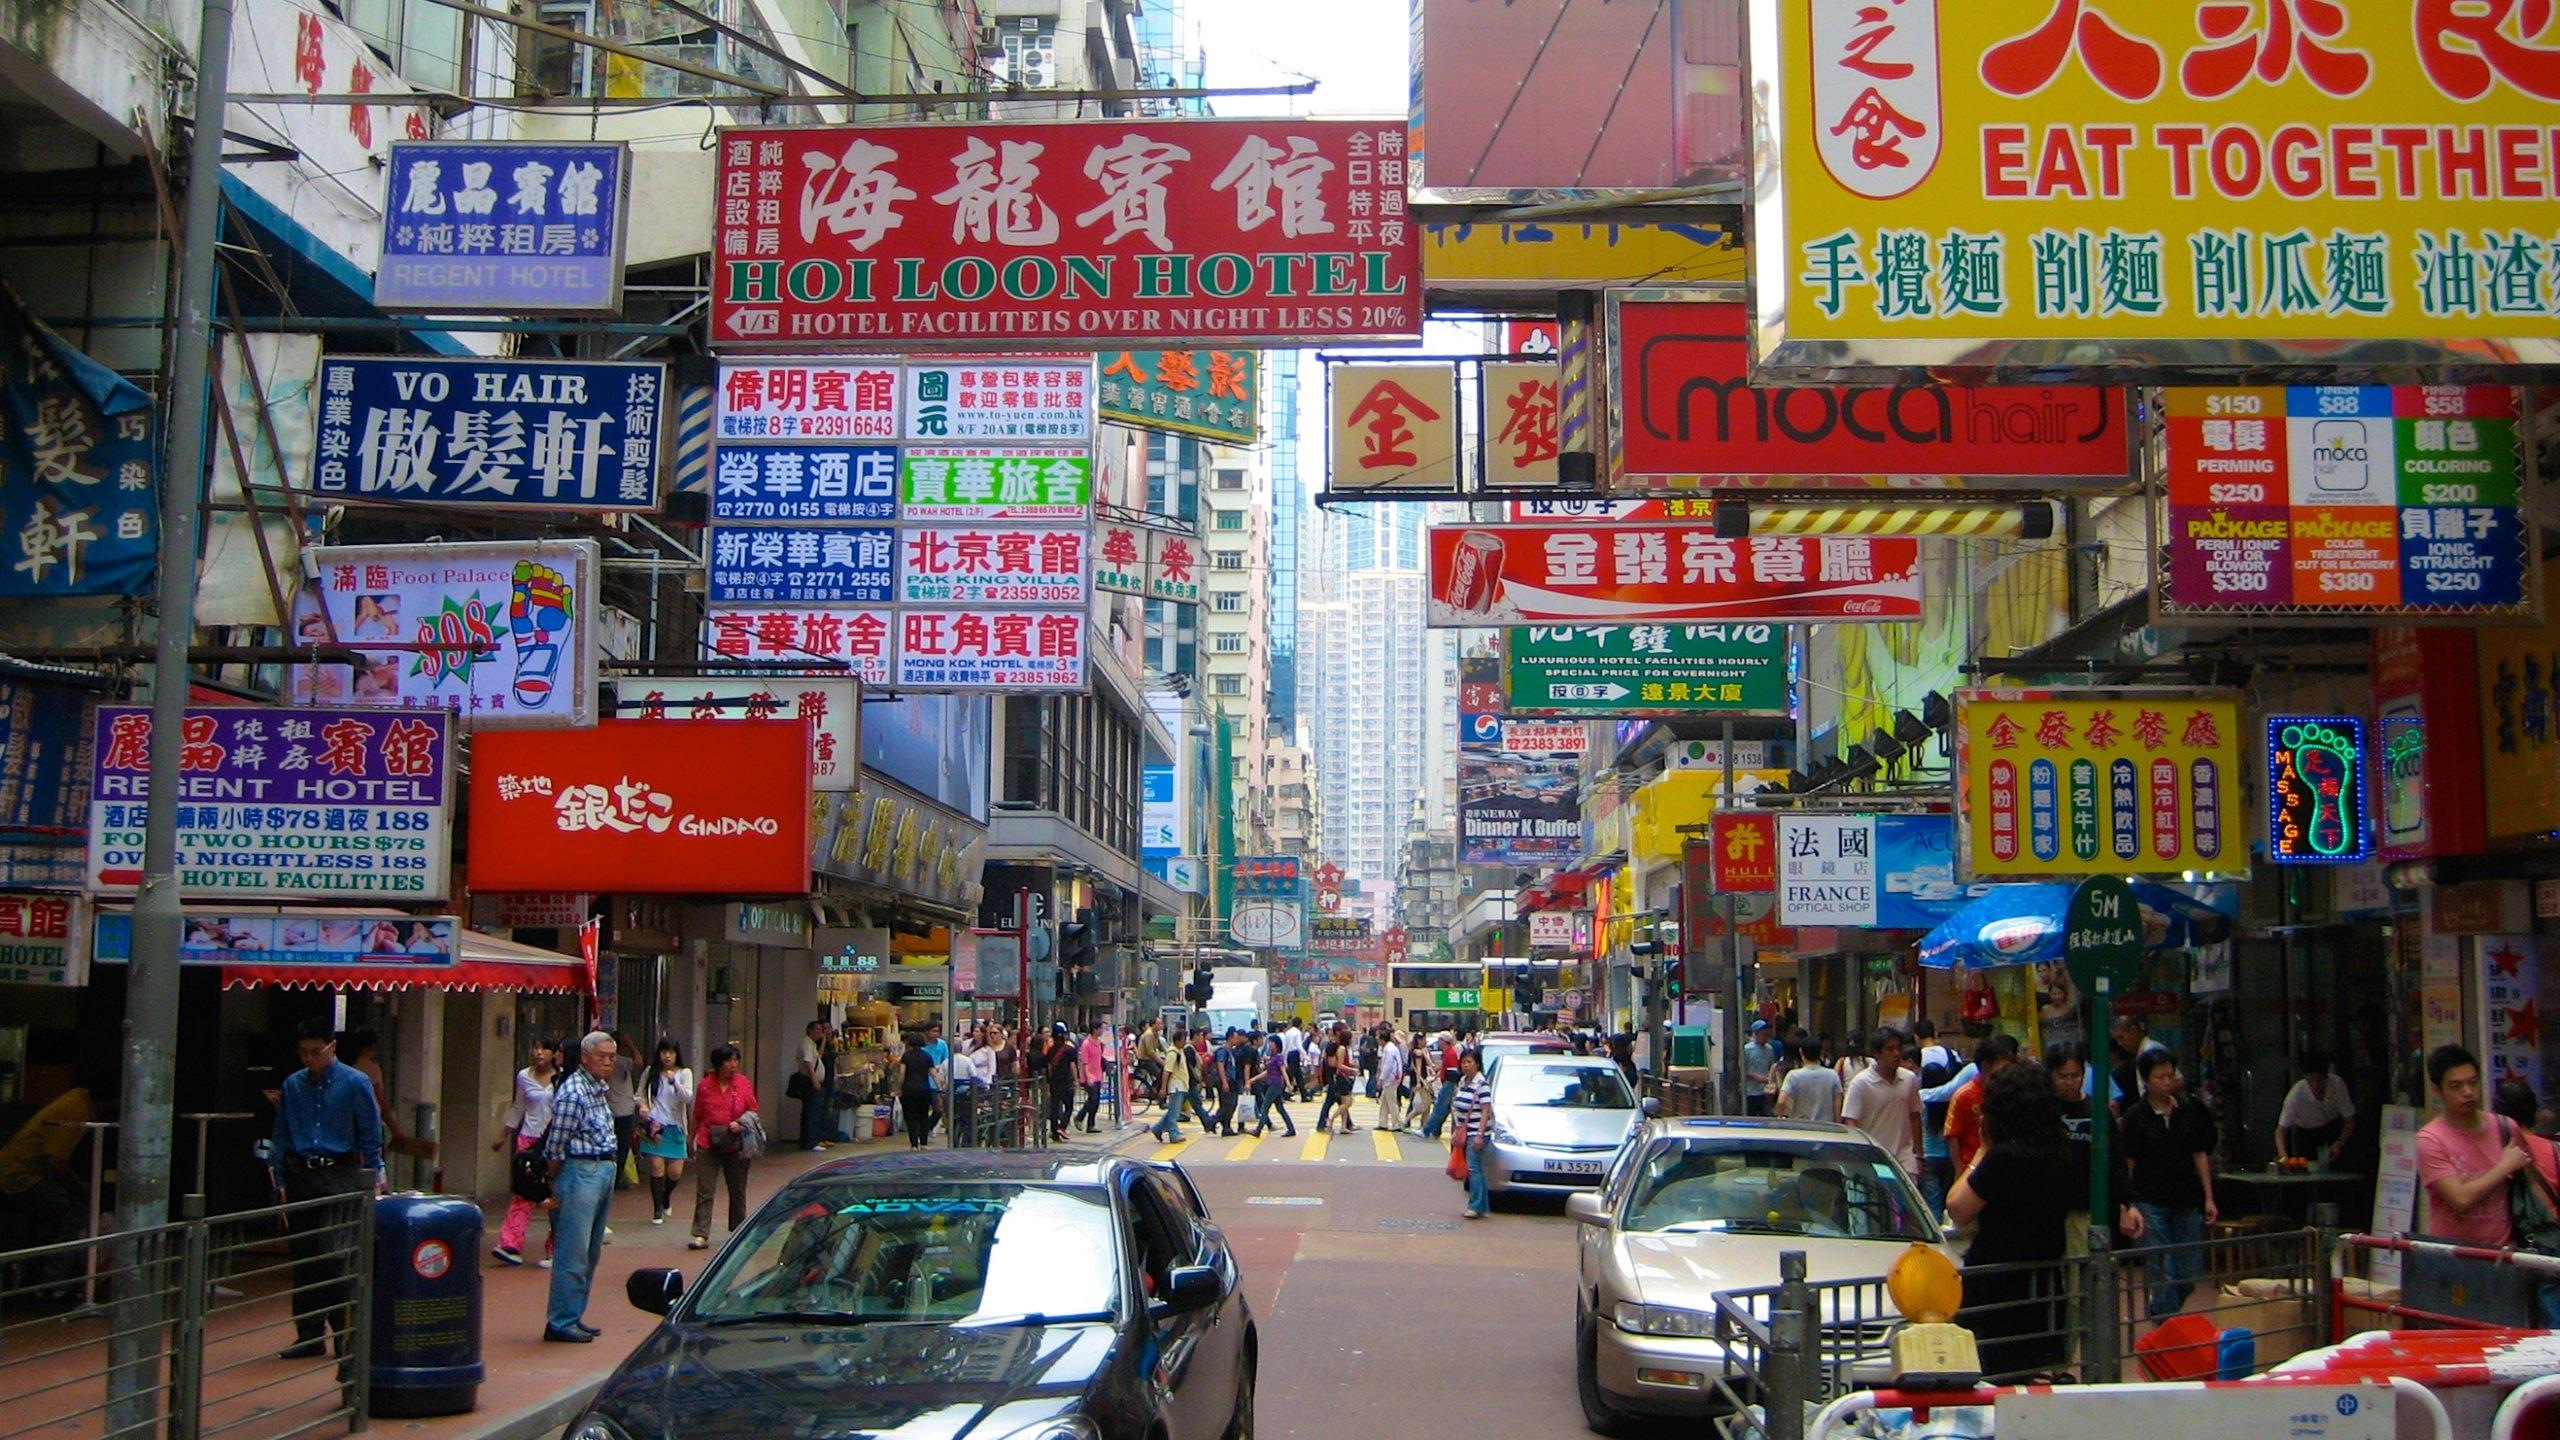 Mong Kok, Kowloon, Hongkong SAR